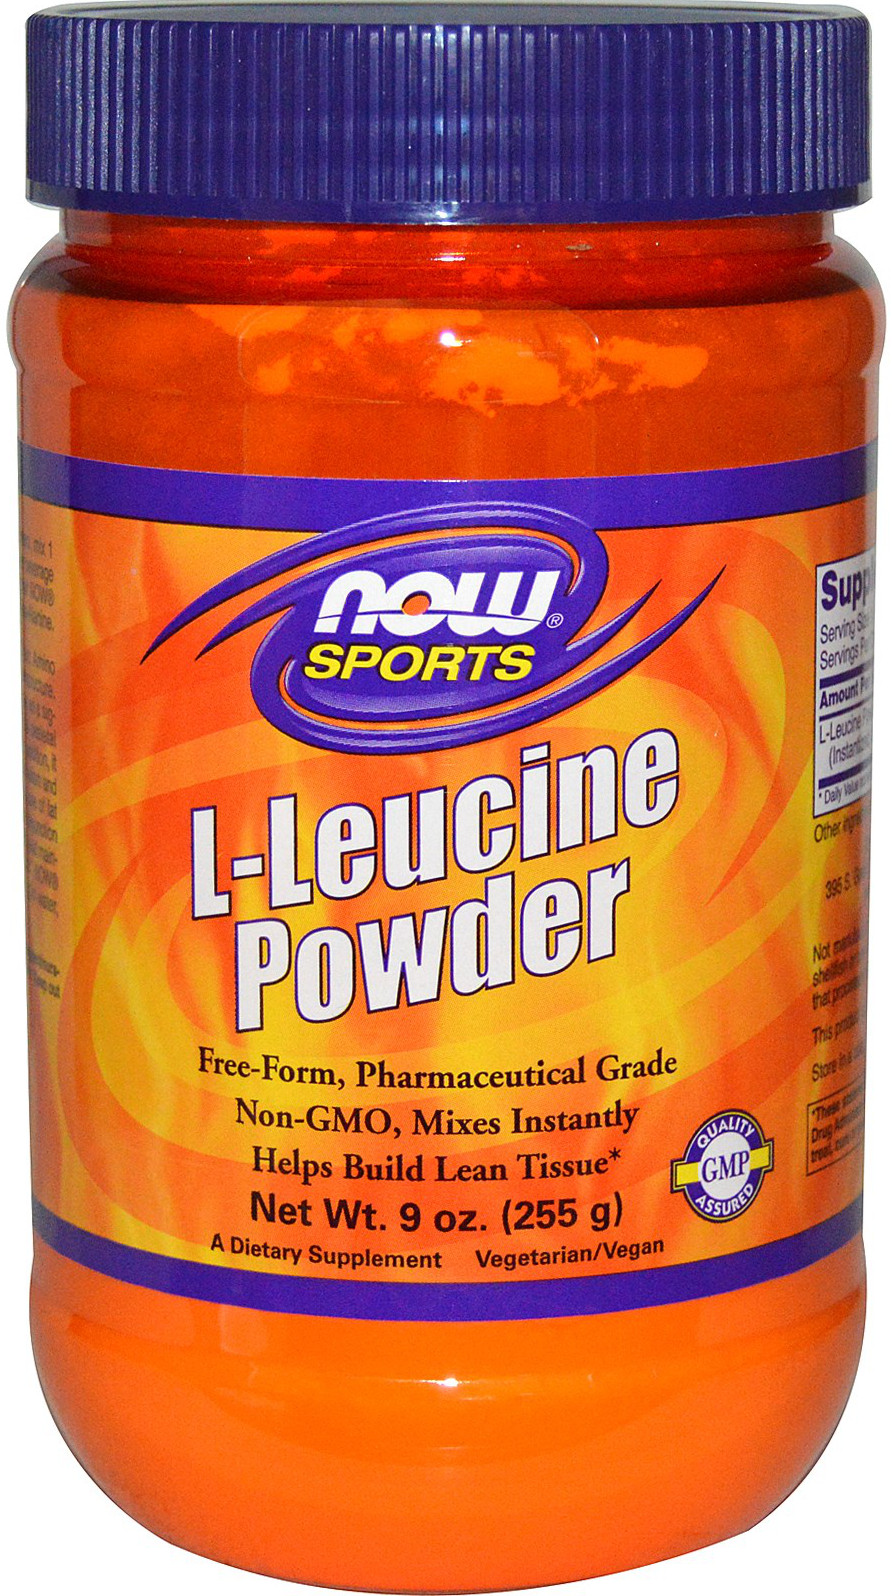 L-Leucine Powder - 255g versandkostenfrei/portofrei bestellen/kaufen